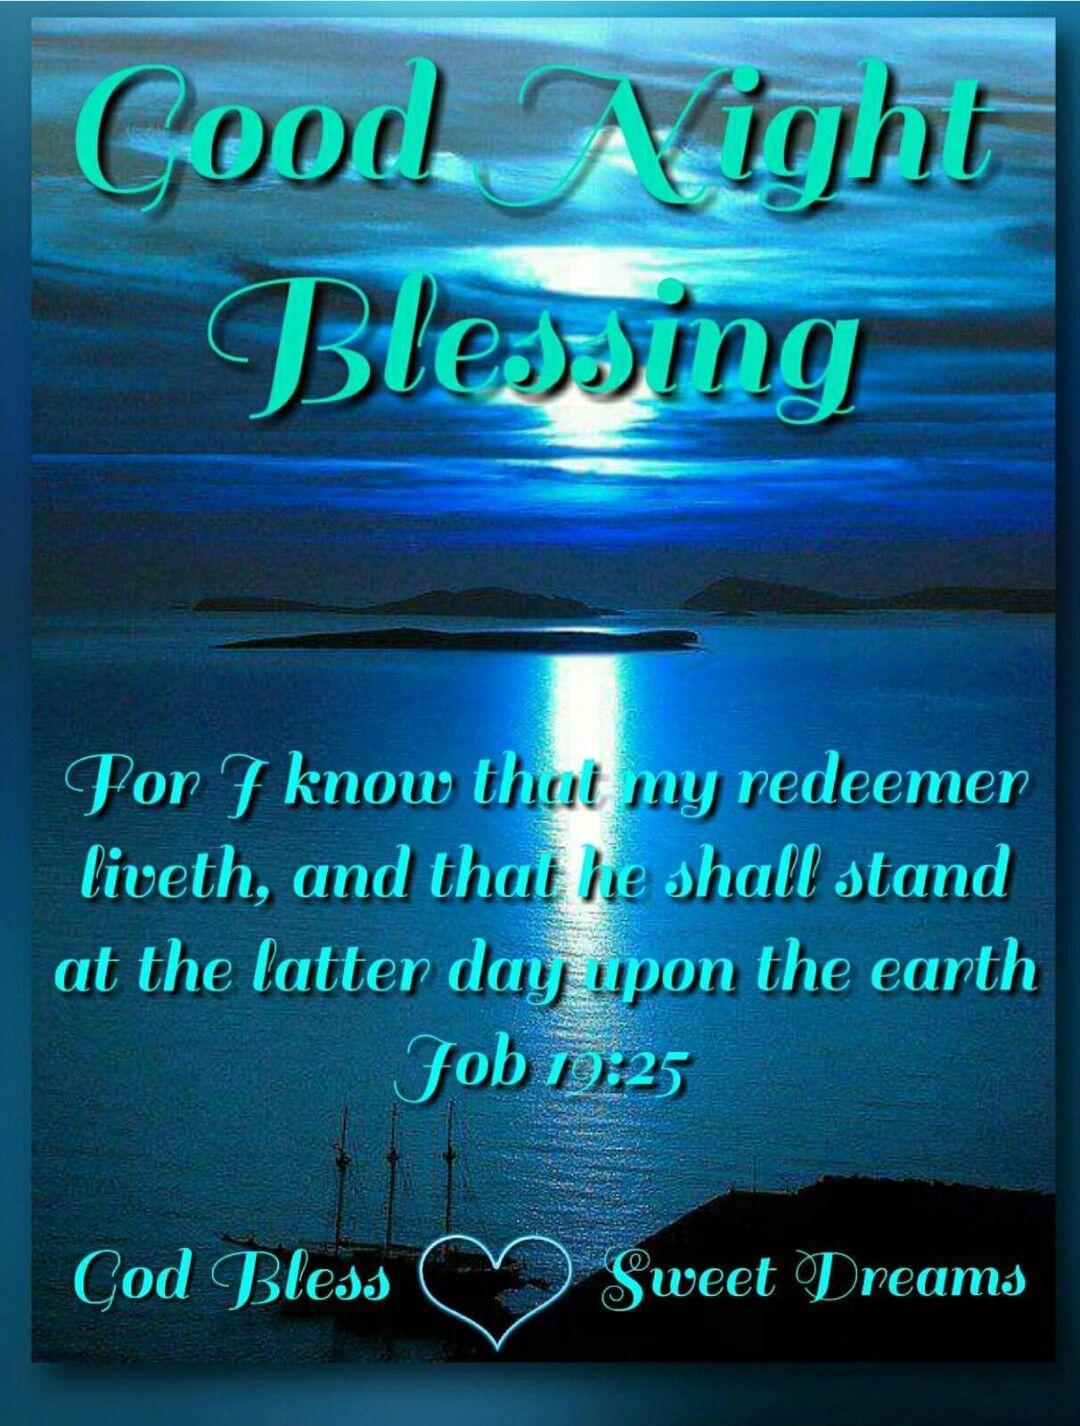 Goodnight Blessings (Job 19:25)